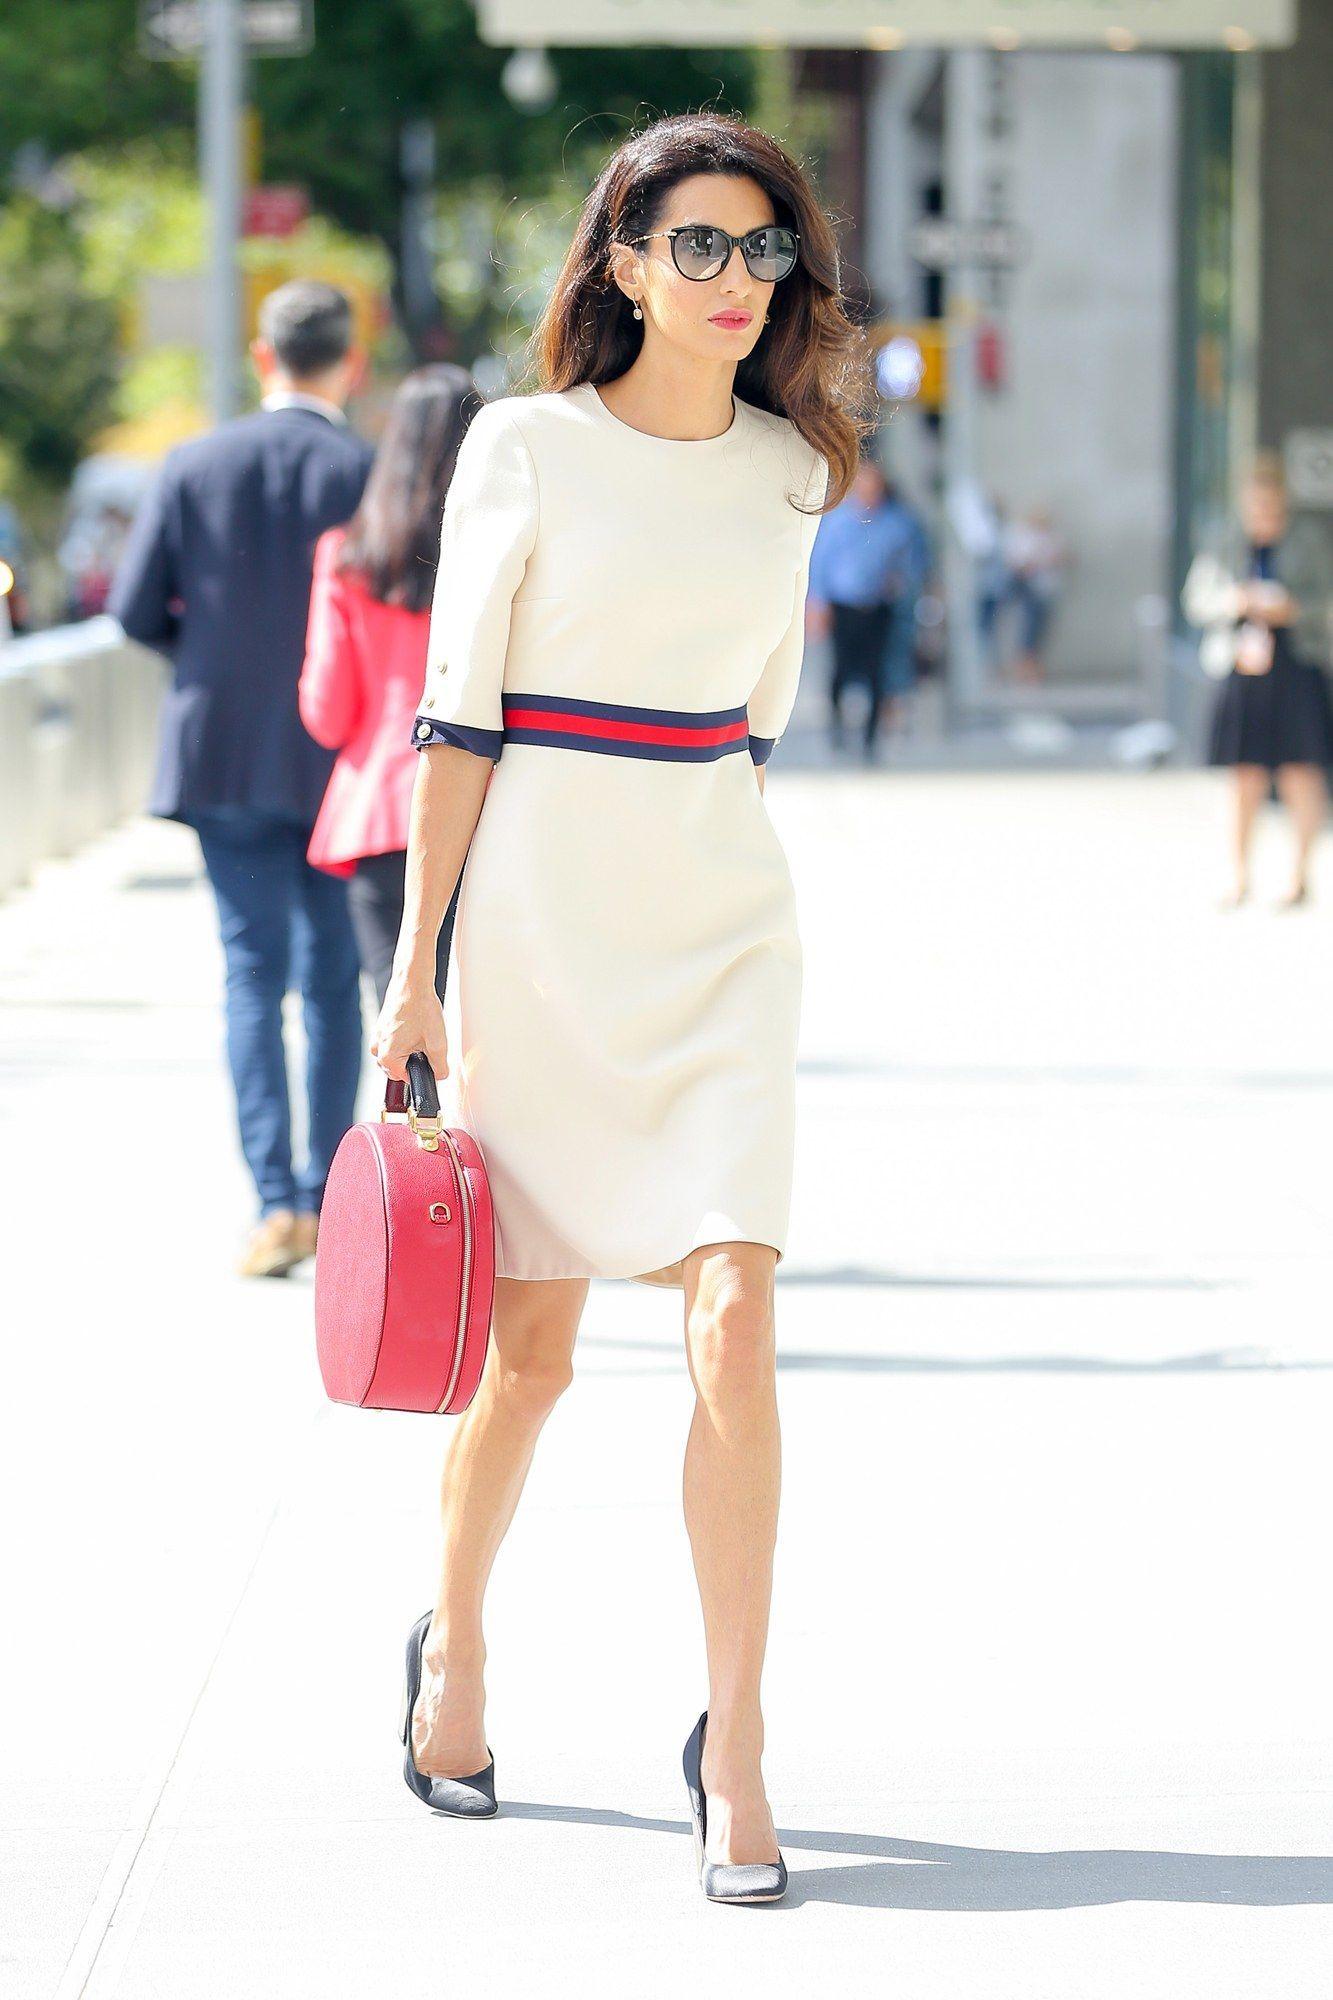 Copy Amal Clooney Fashion Style For Elegant Looks Celebrity Style Pinterest Amal Clooney